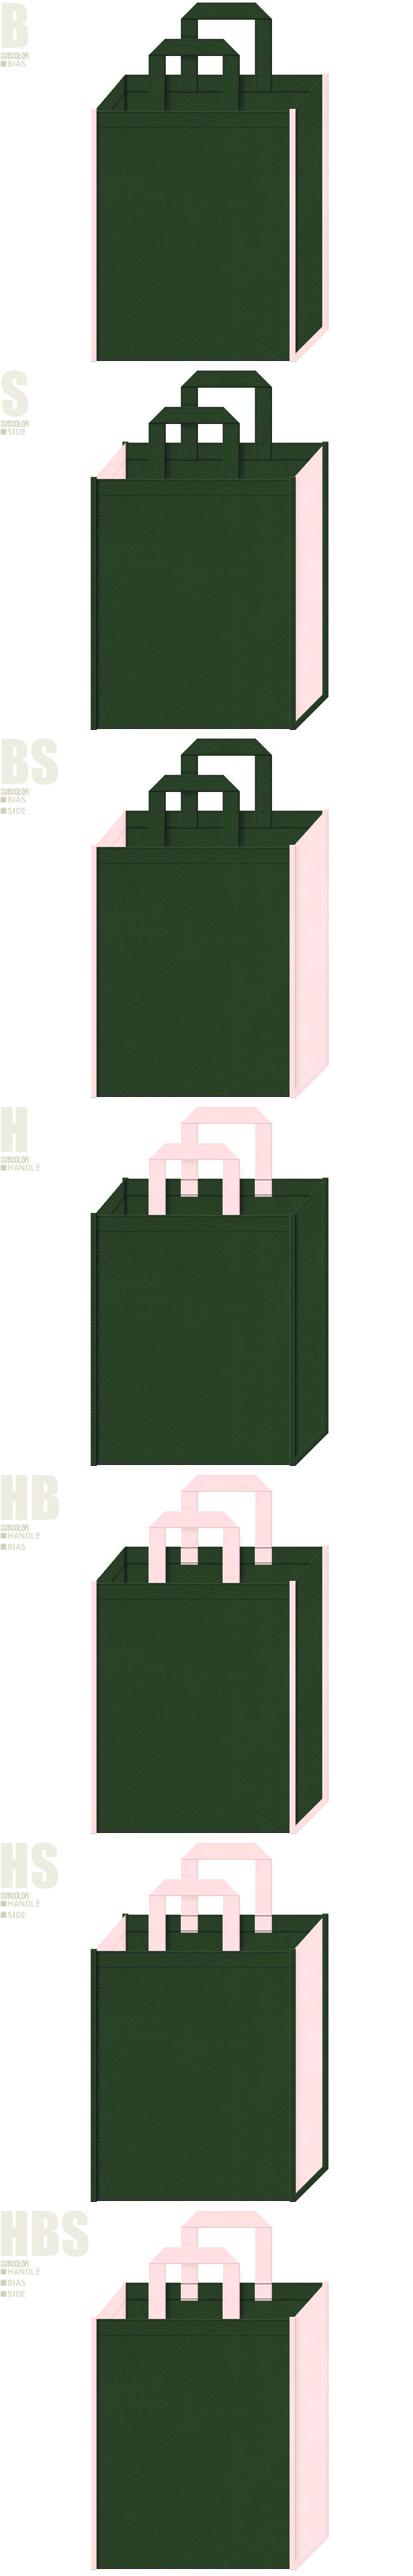 学校・黒板・卒業式・桜のイメージにお奨めの不織布バッグデザイン:濃緑色と桜色の不織布バッグ配色7パターン。